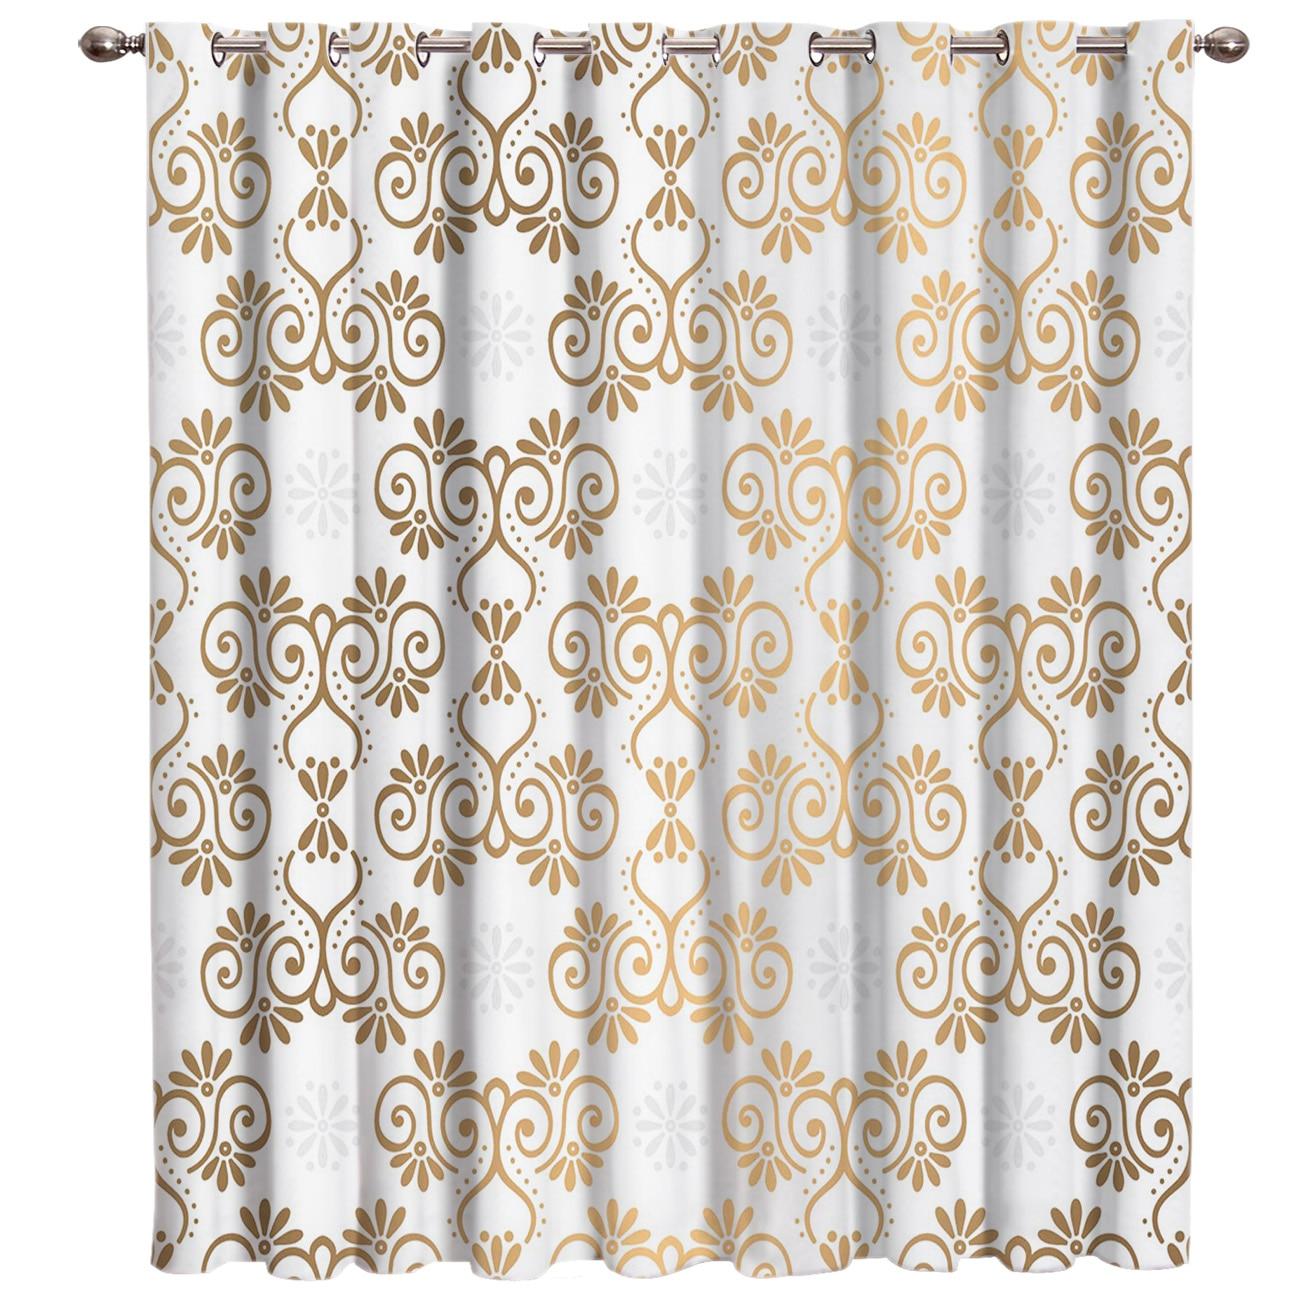 Золотой марокканский узор дамасский Декор для спальни, кухни, открытый декор, обработка окон, занавески, занавески